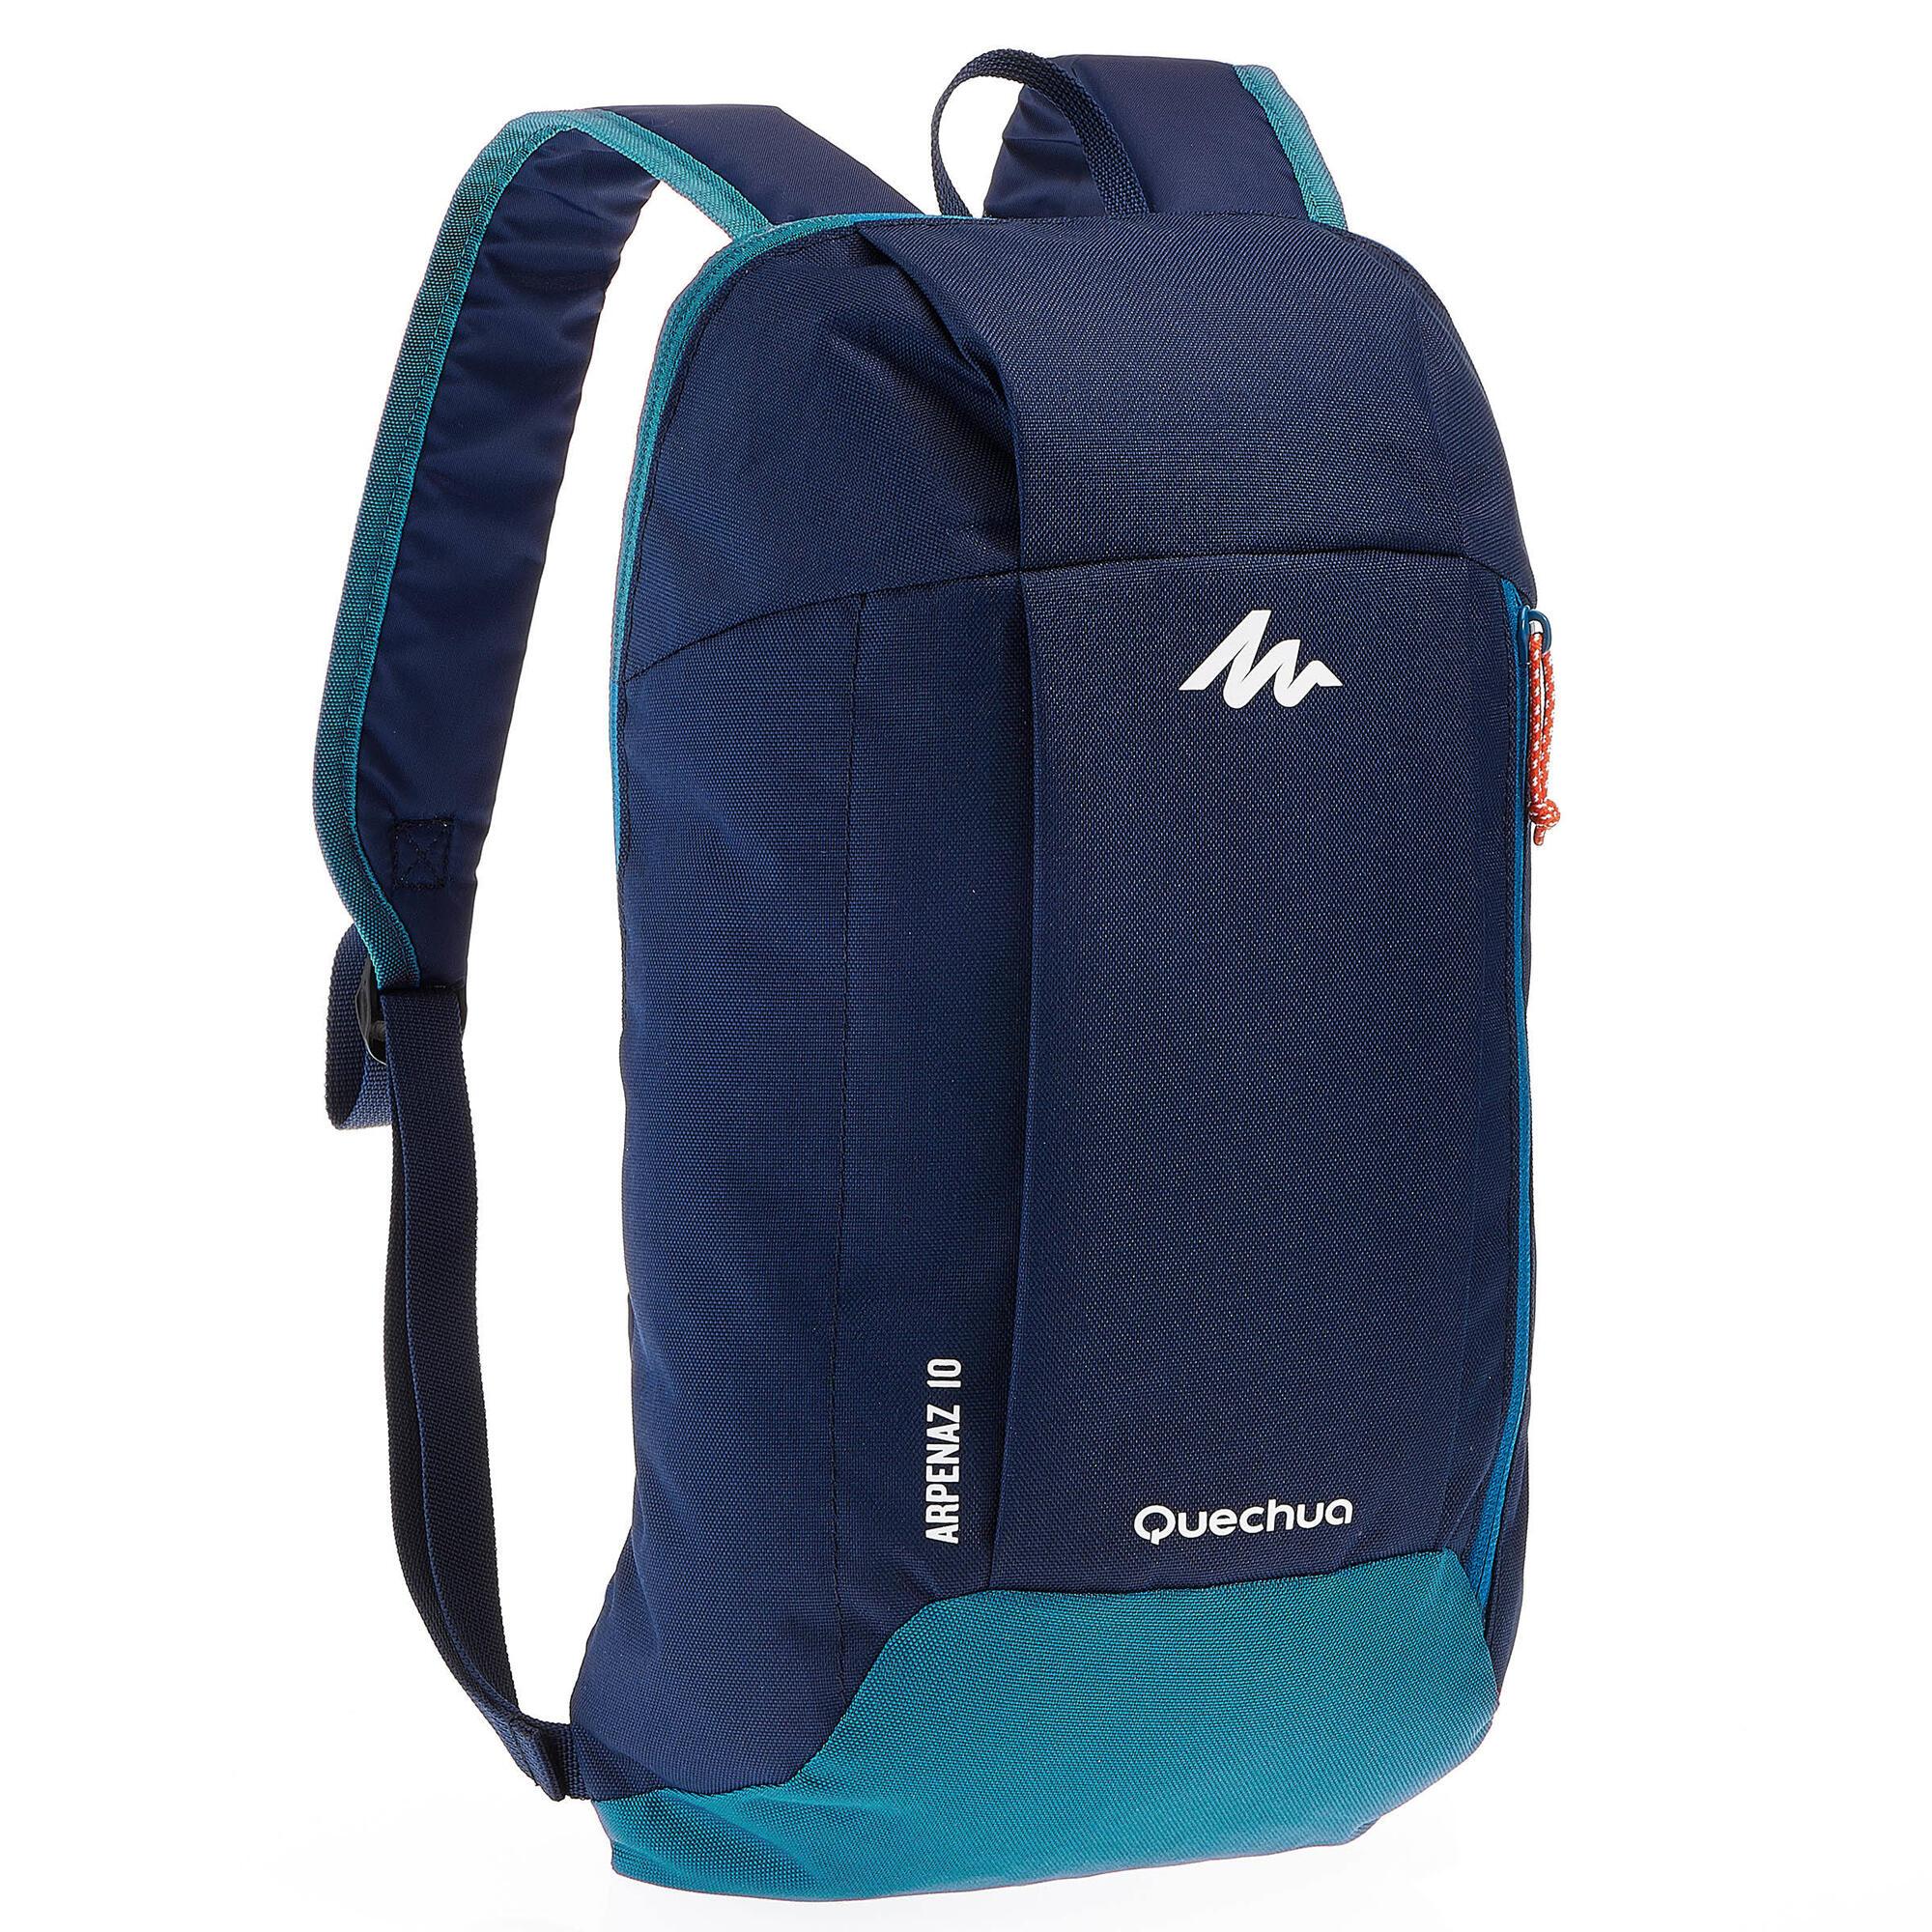 sac dos de randonn e pour la journ e arpenaz 10 l bleu quechua. Black Bedroom Furniture Sets. Home Design Ideas